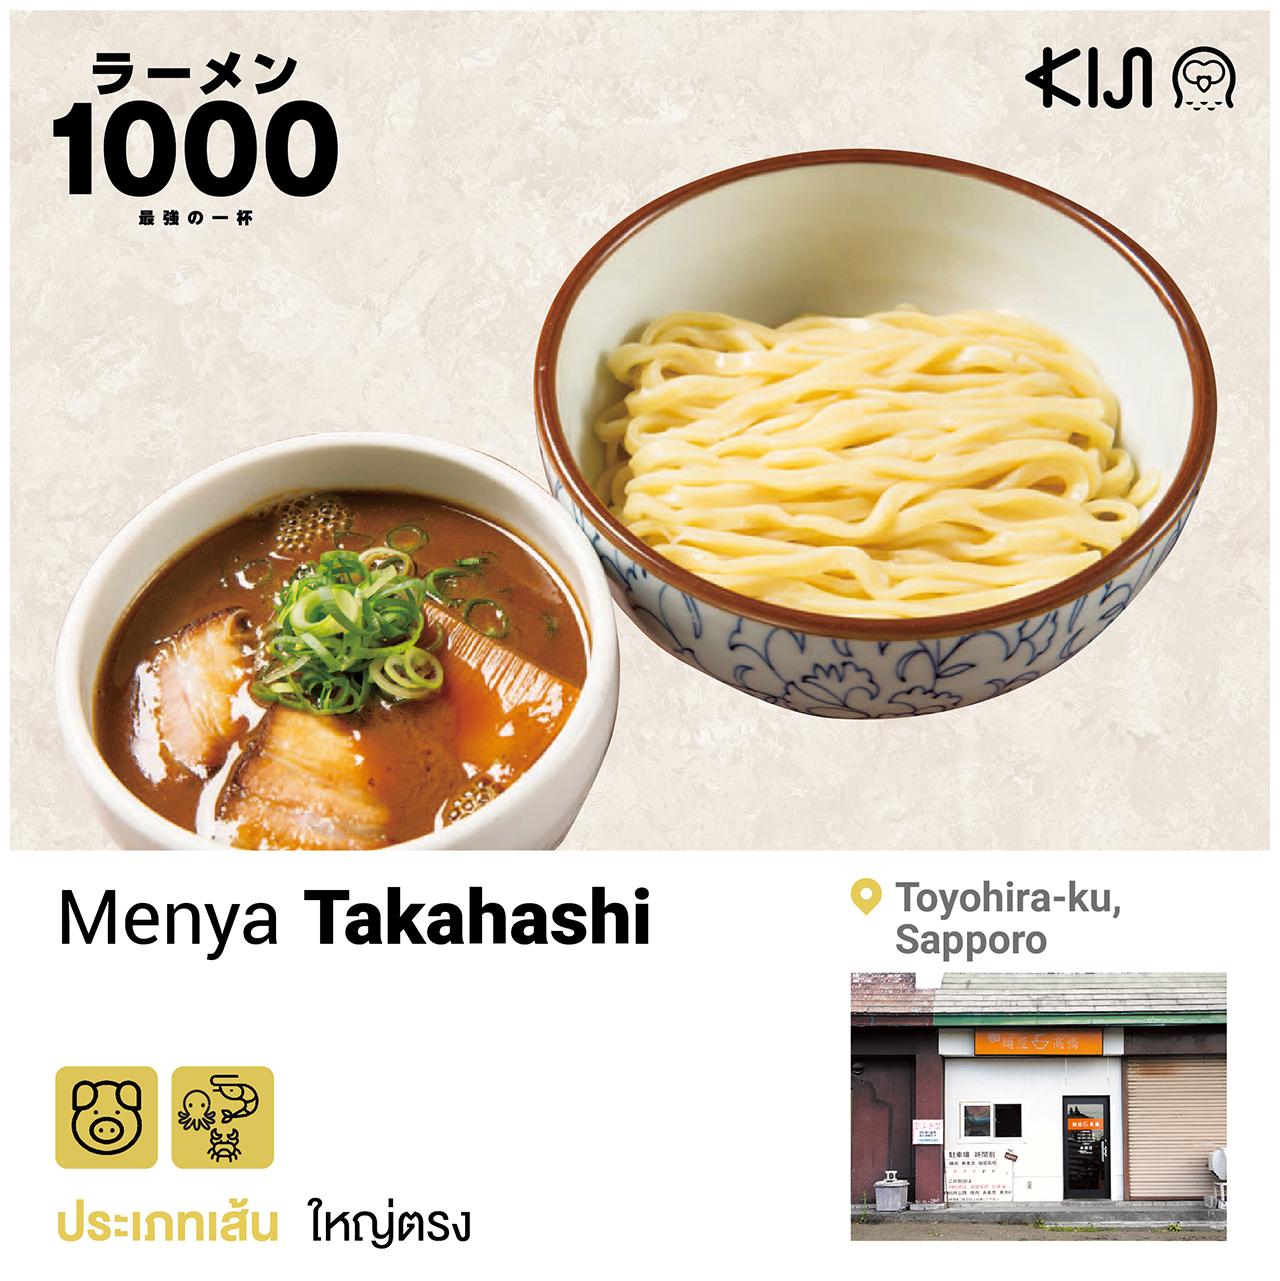 ร้านราเมนในฮอกไกโด - Menya Takahashi